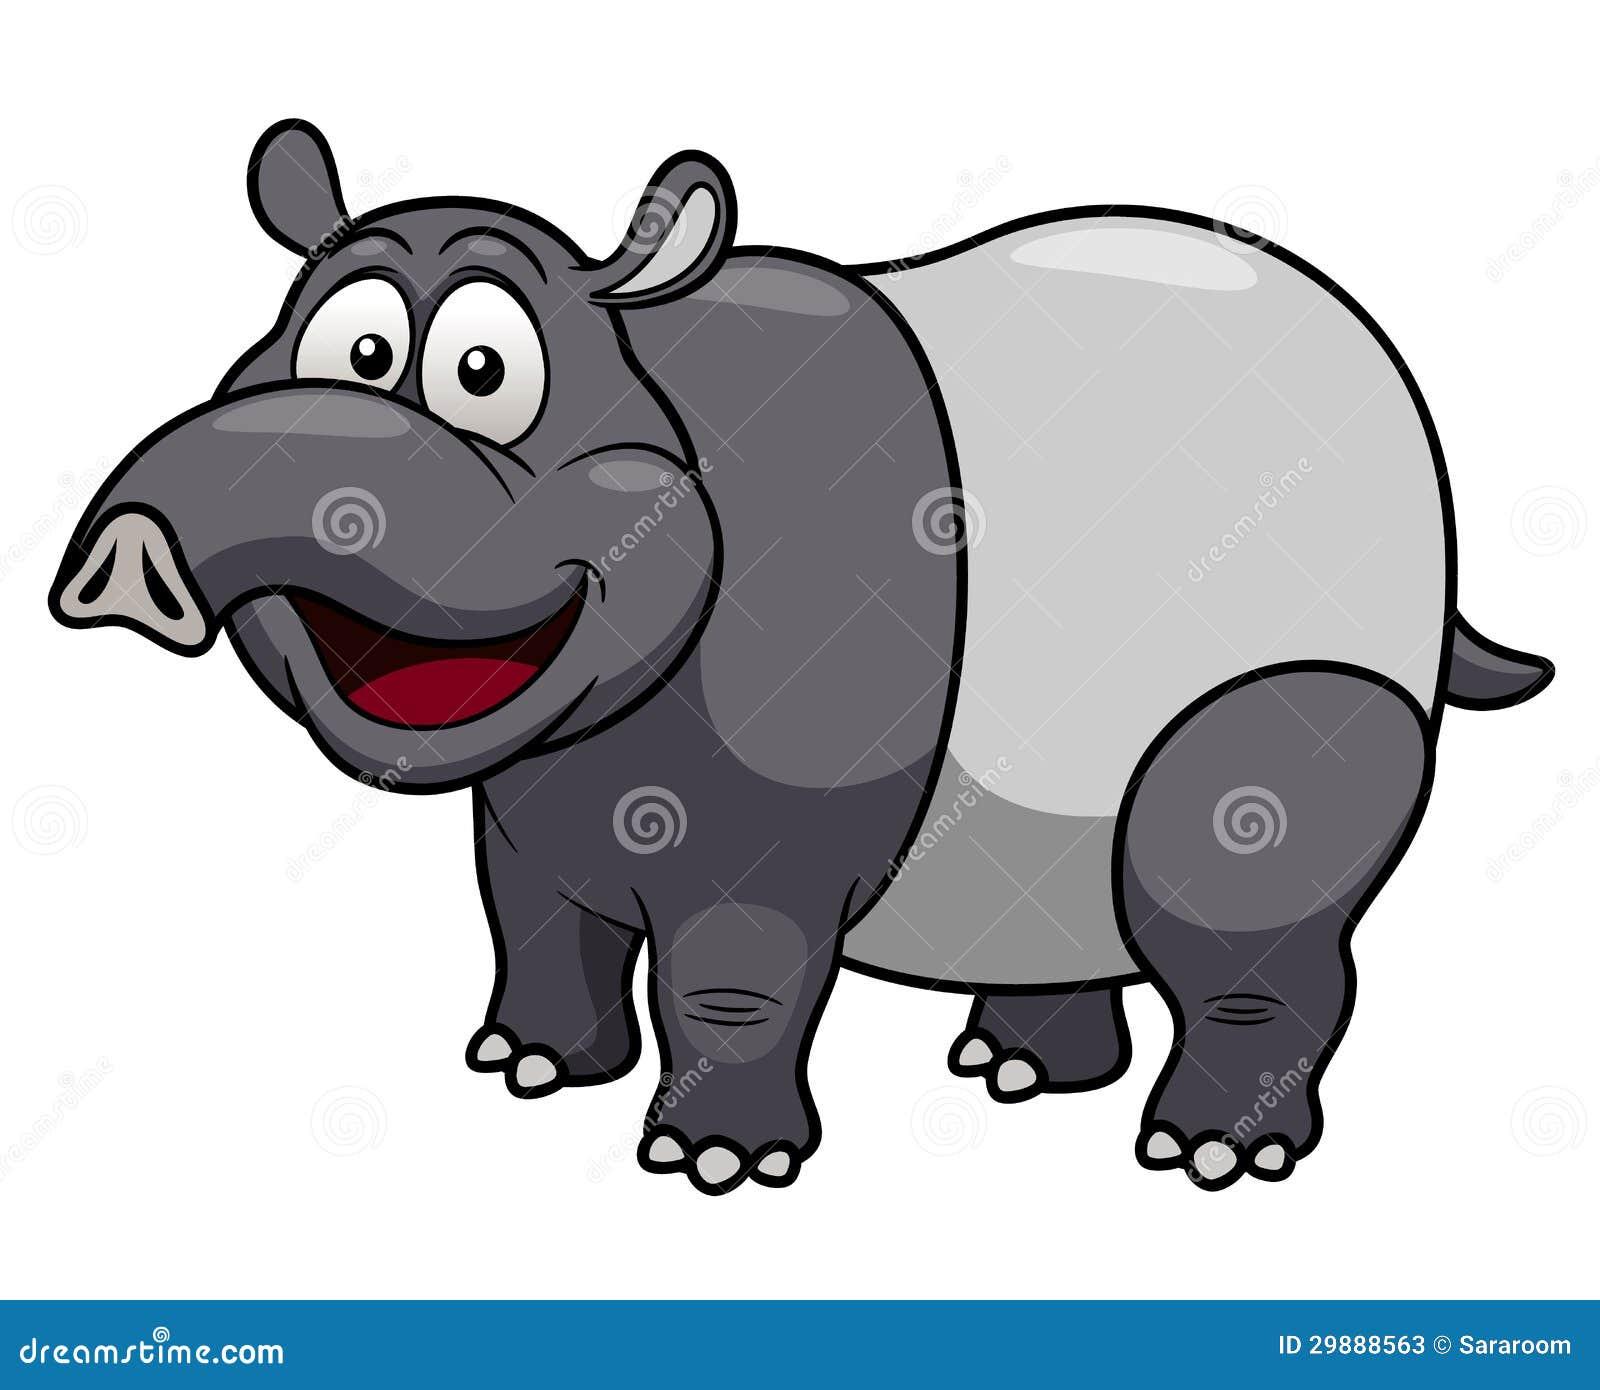 Cartoon Tapir Stock Photos - Image: 29888563